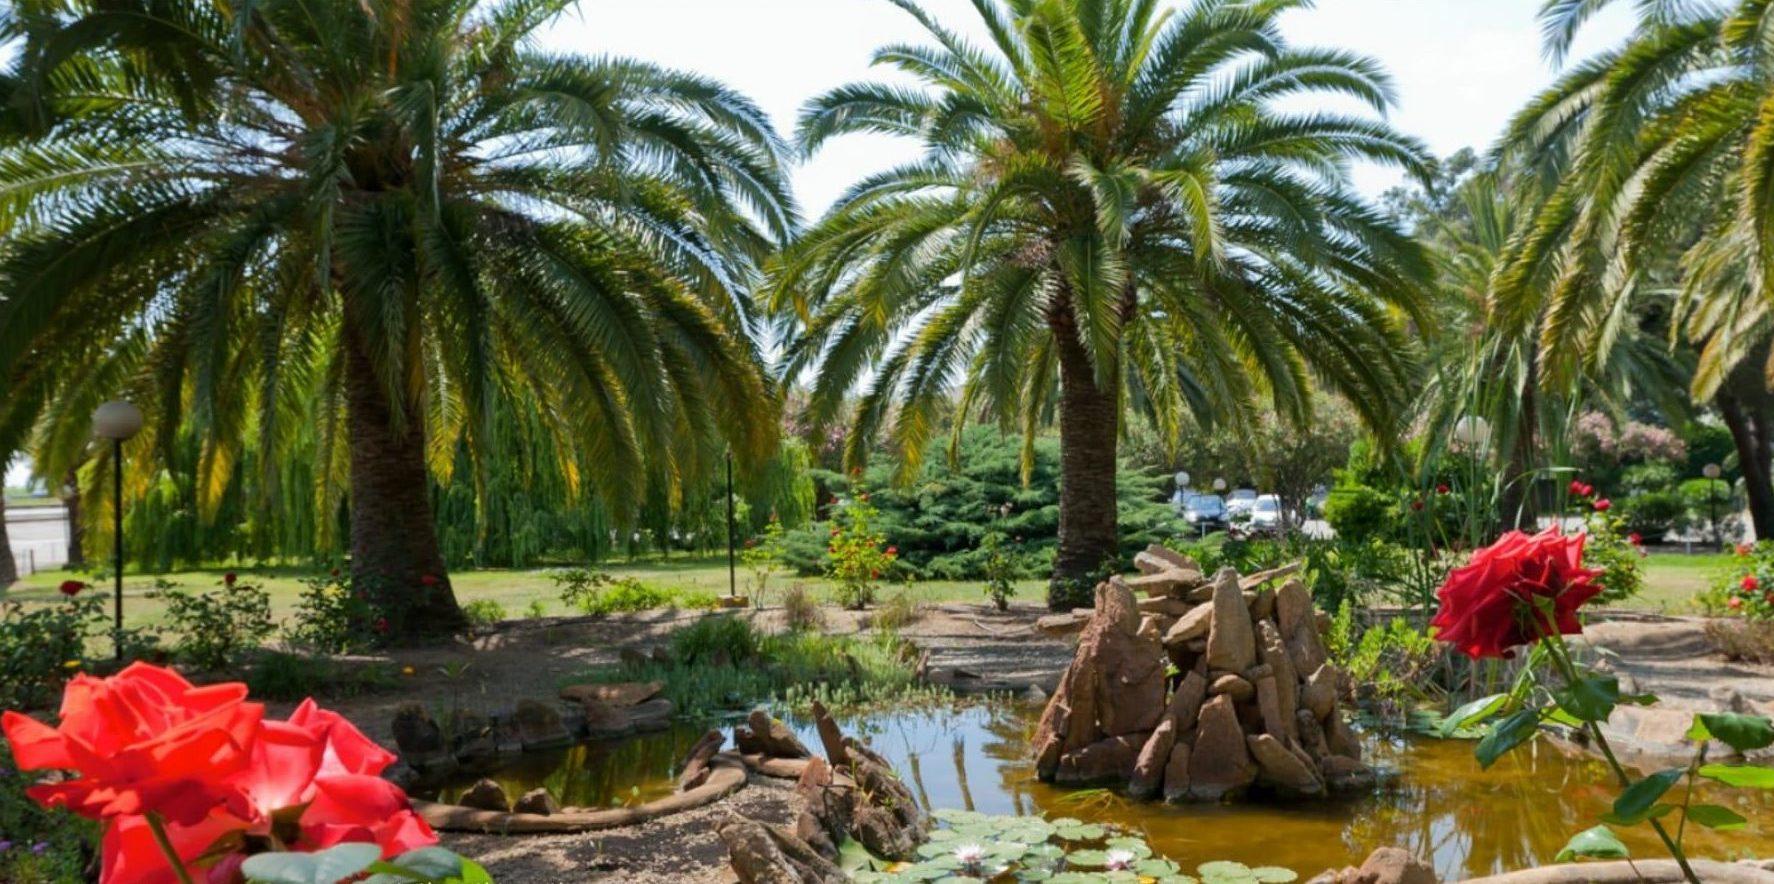 Hotel Campo dell'Oro Ajaccio Corsica Frankrijk park tuin rozen palmbomen vijver